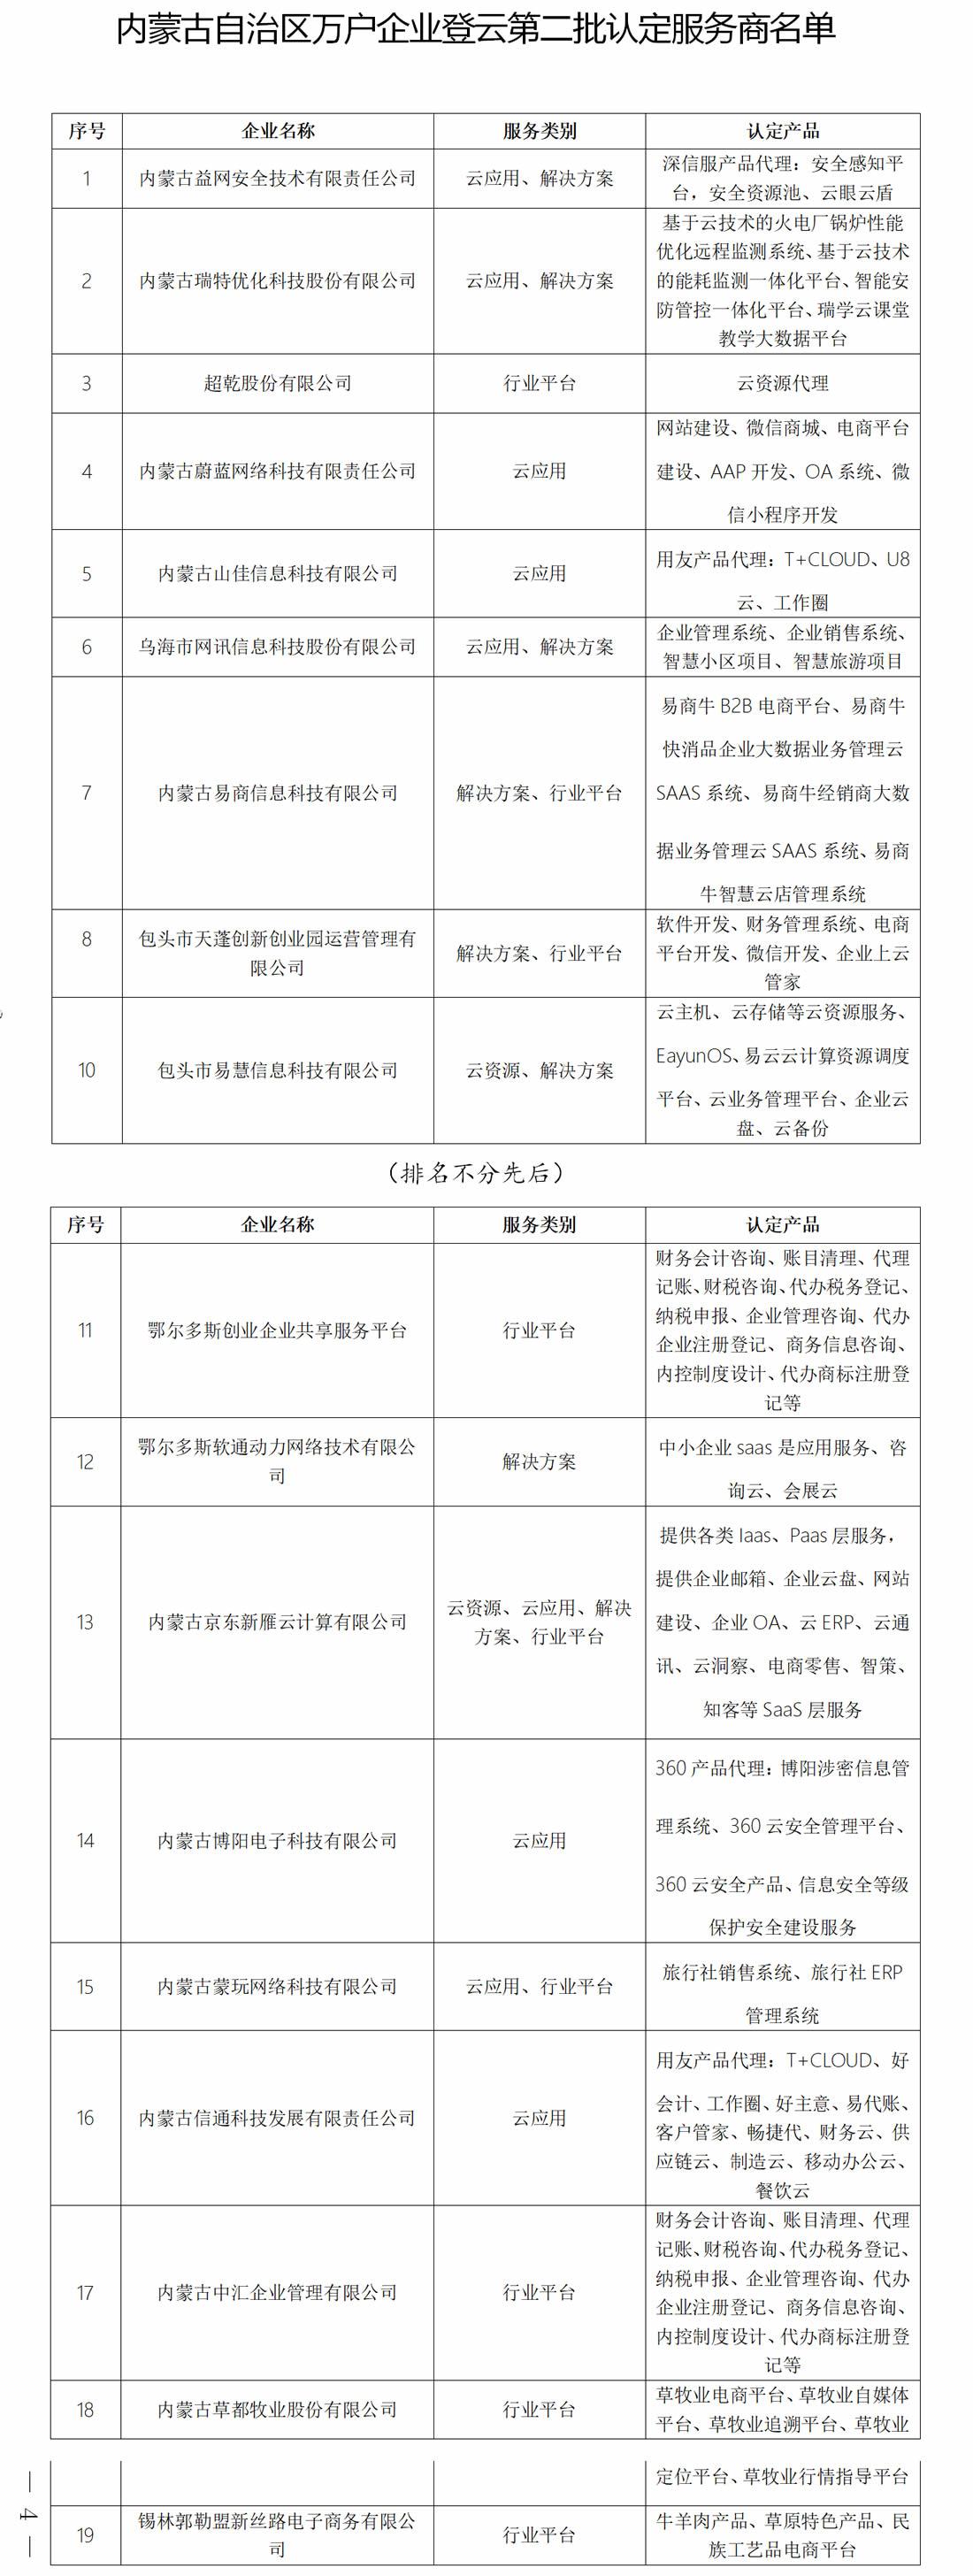 附件   关于公布内蒙古自治区万户企业登云 (第二批)认定服务商名单的通知